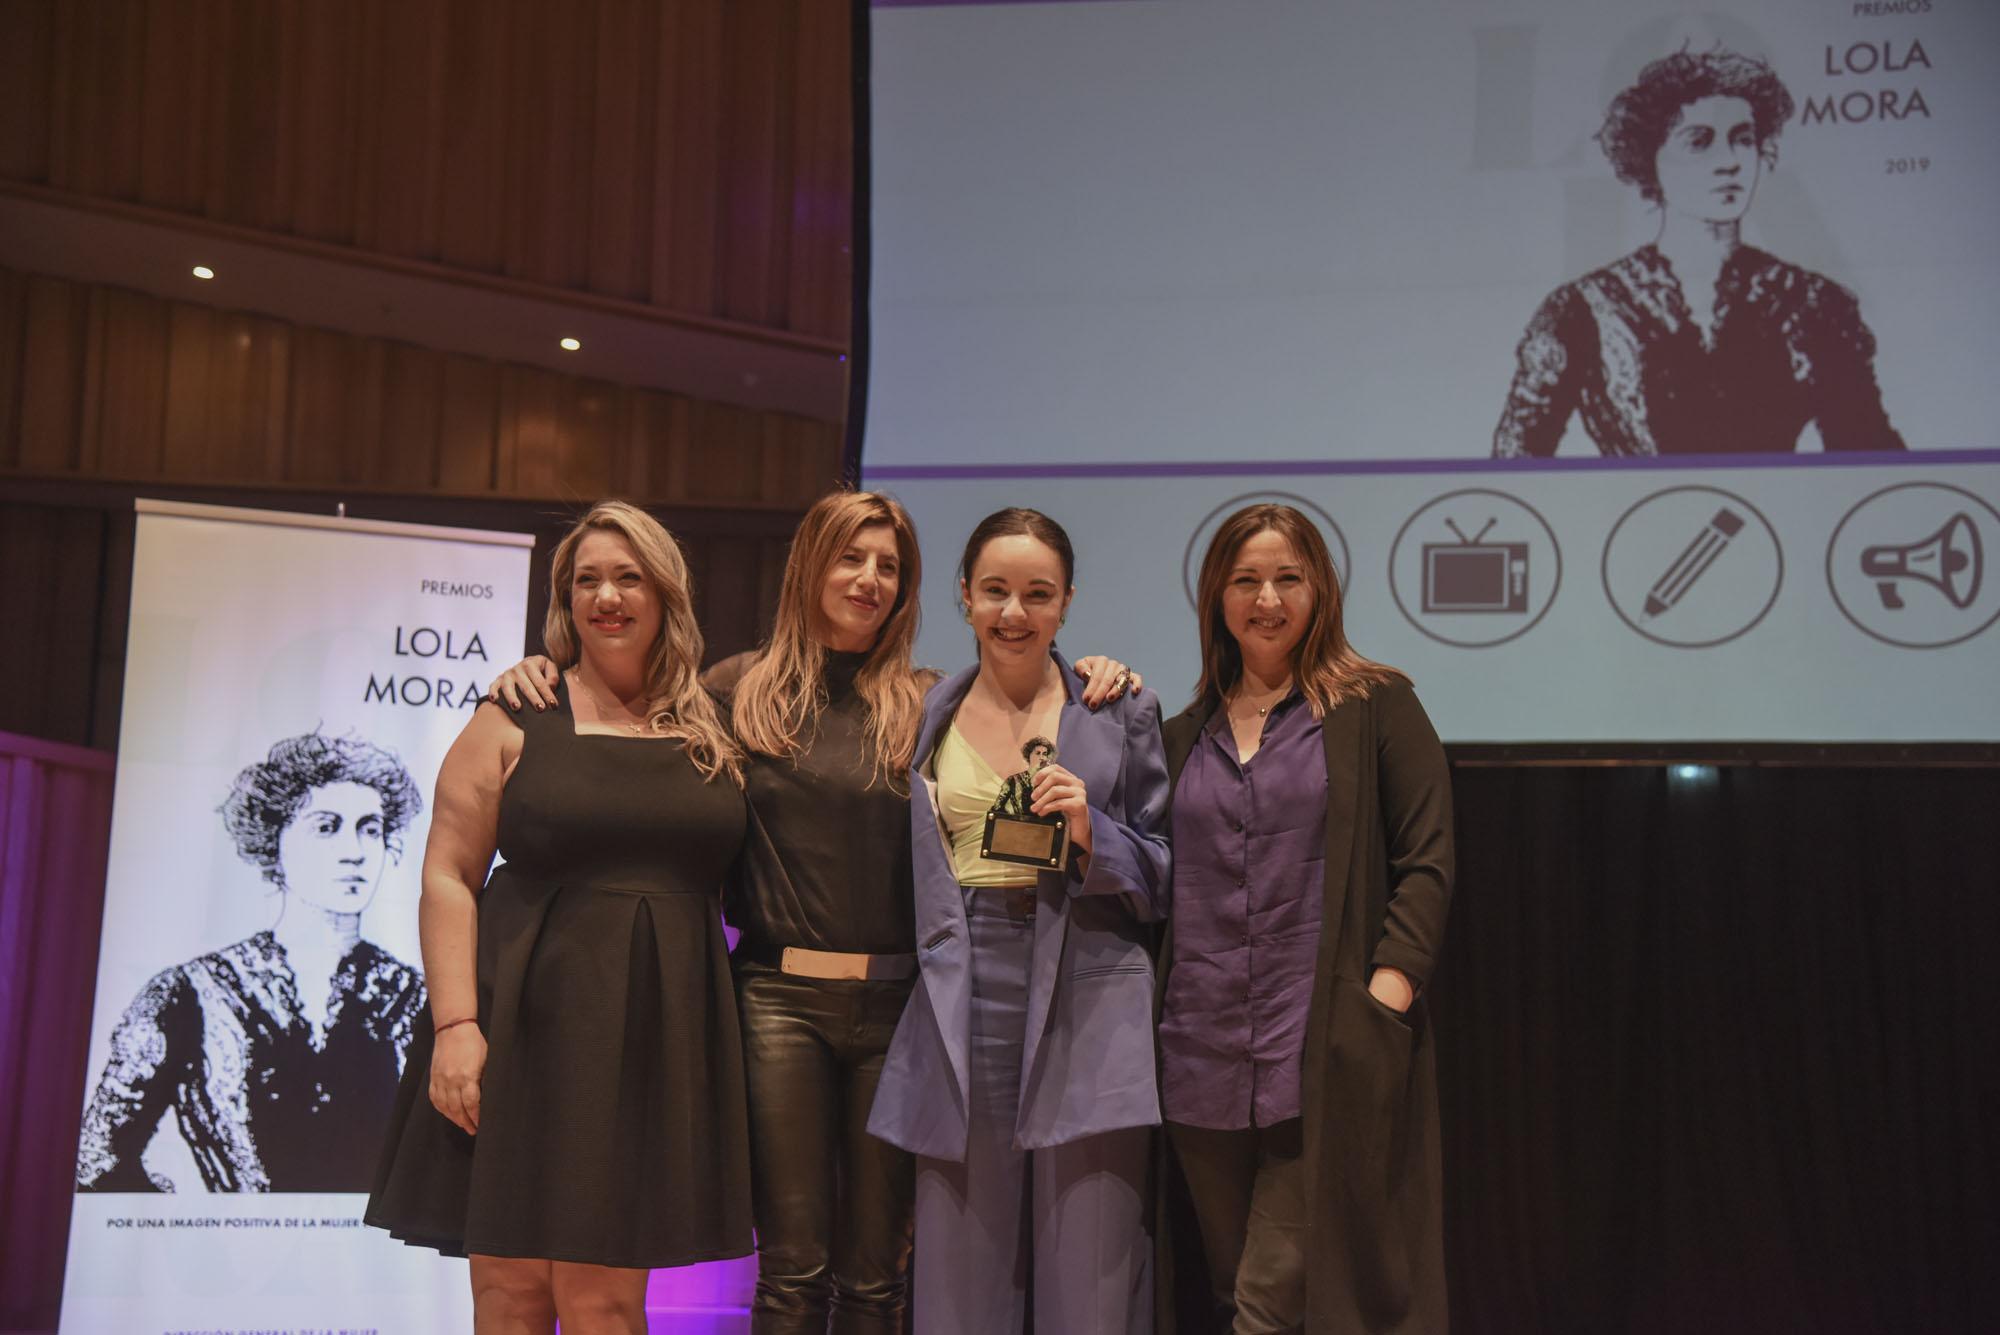 Premios Lola Mora 2019 (2)